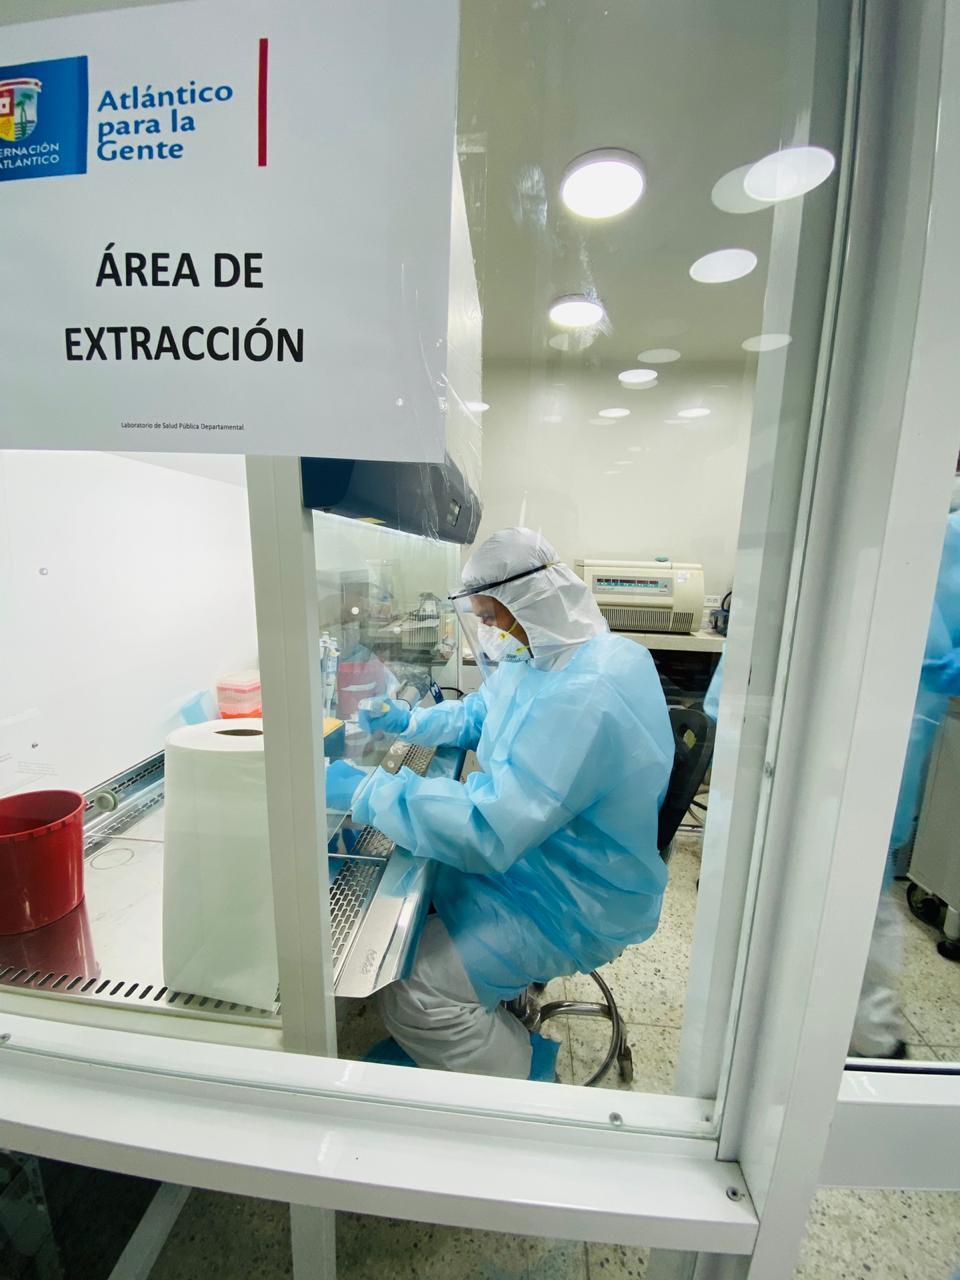 359519_BLU Radio // Laboratorio de Salud Pública del Atlántico // Foto: Gobernación del Atlántico